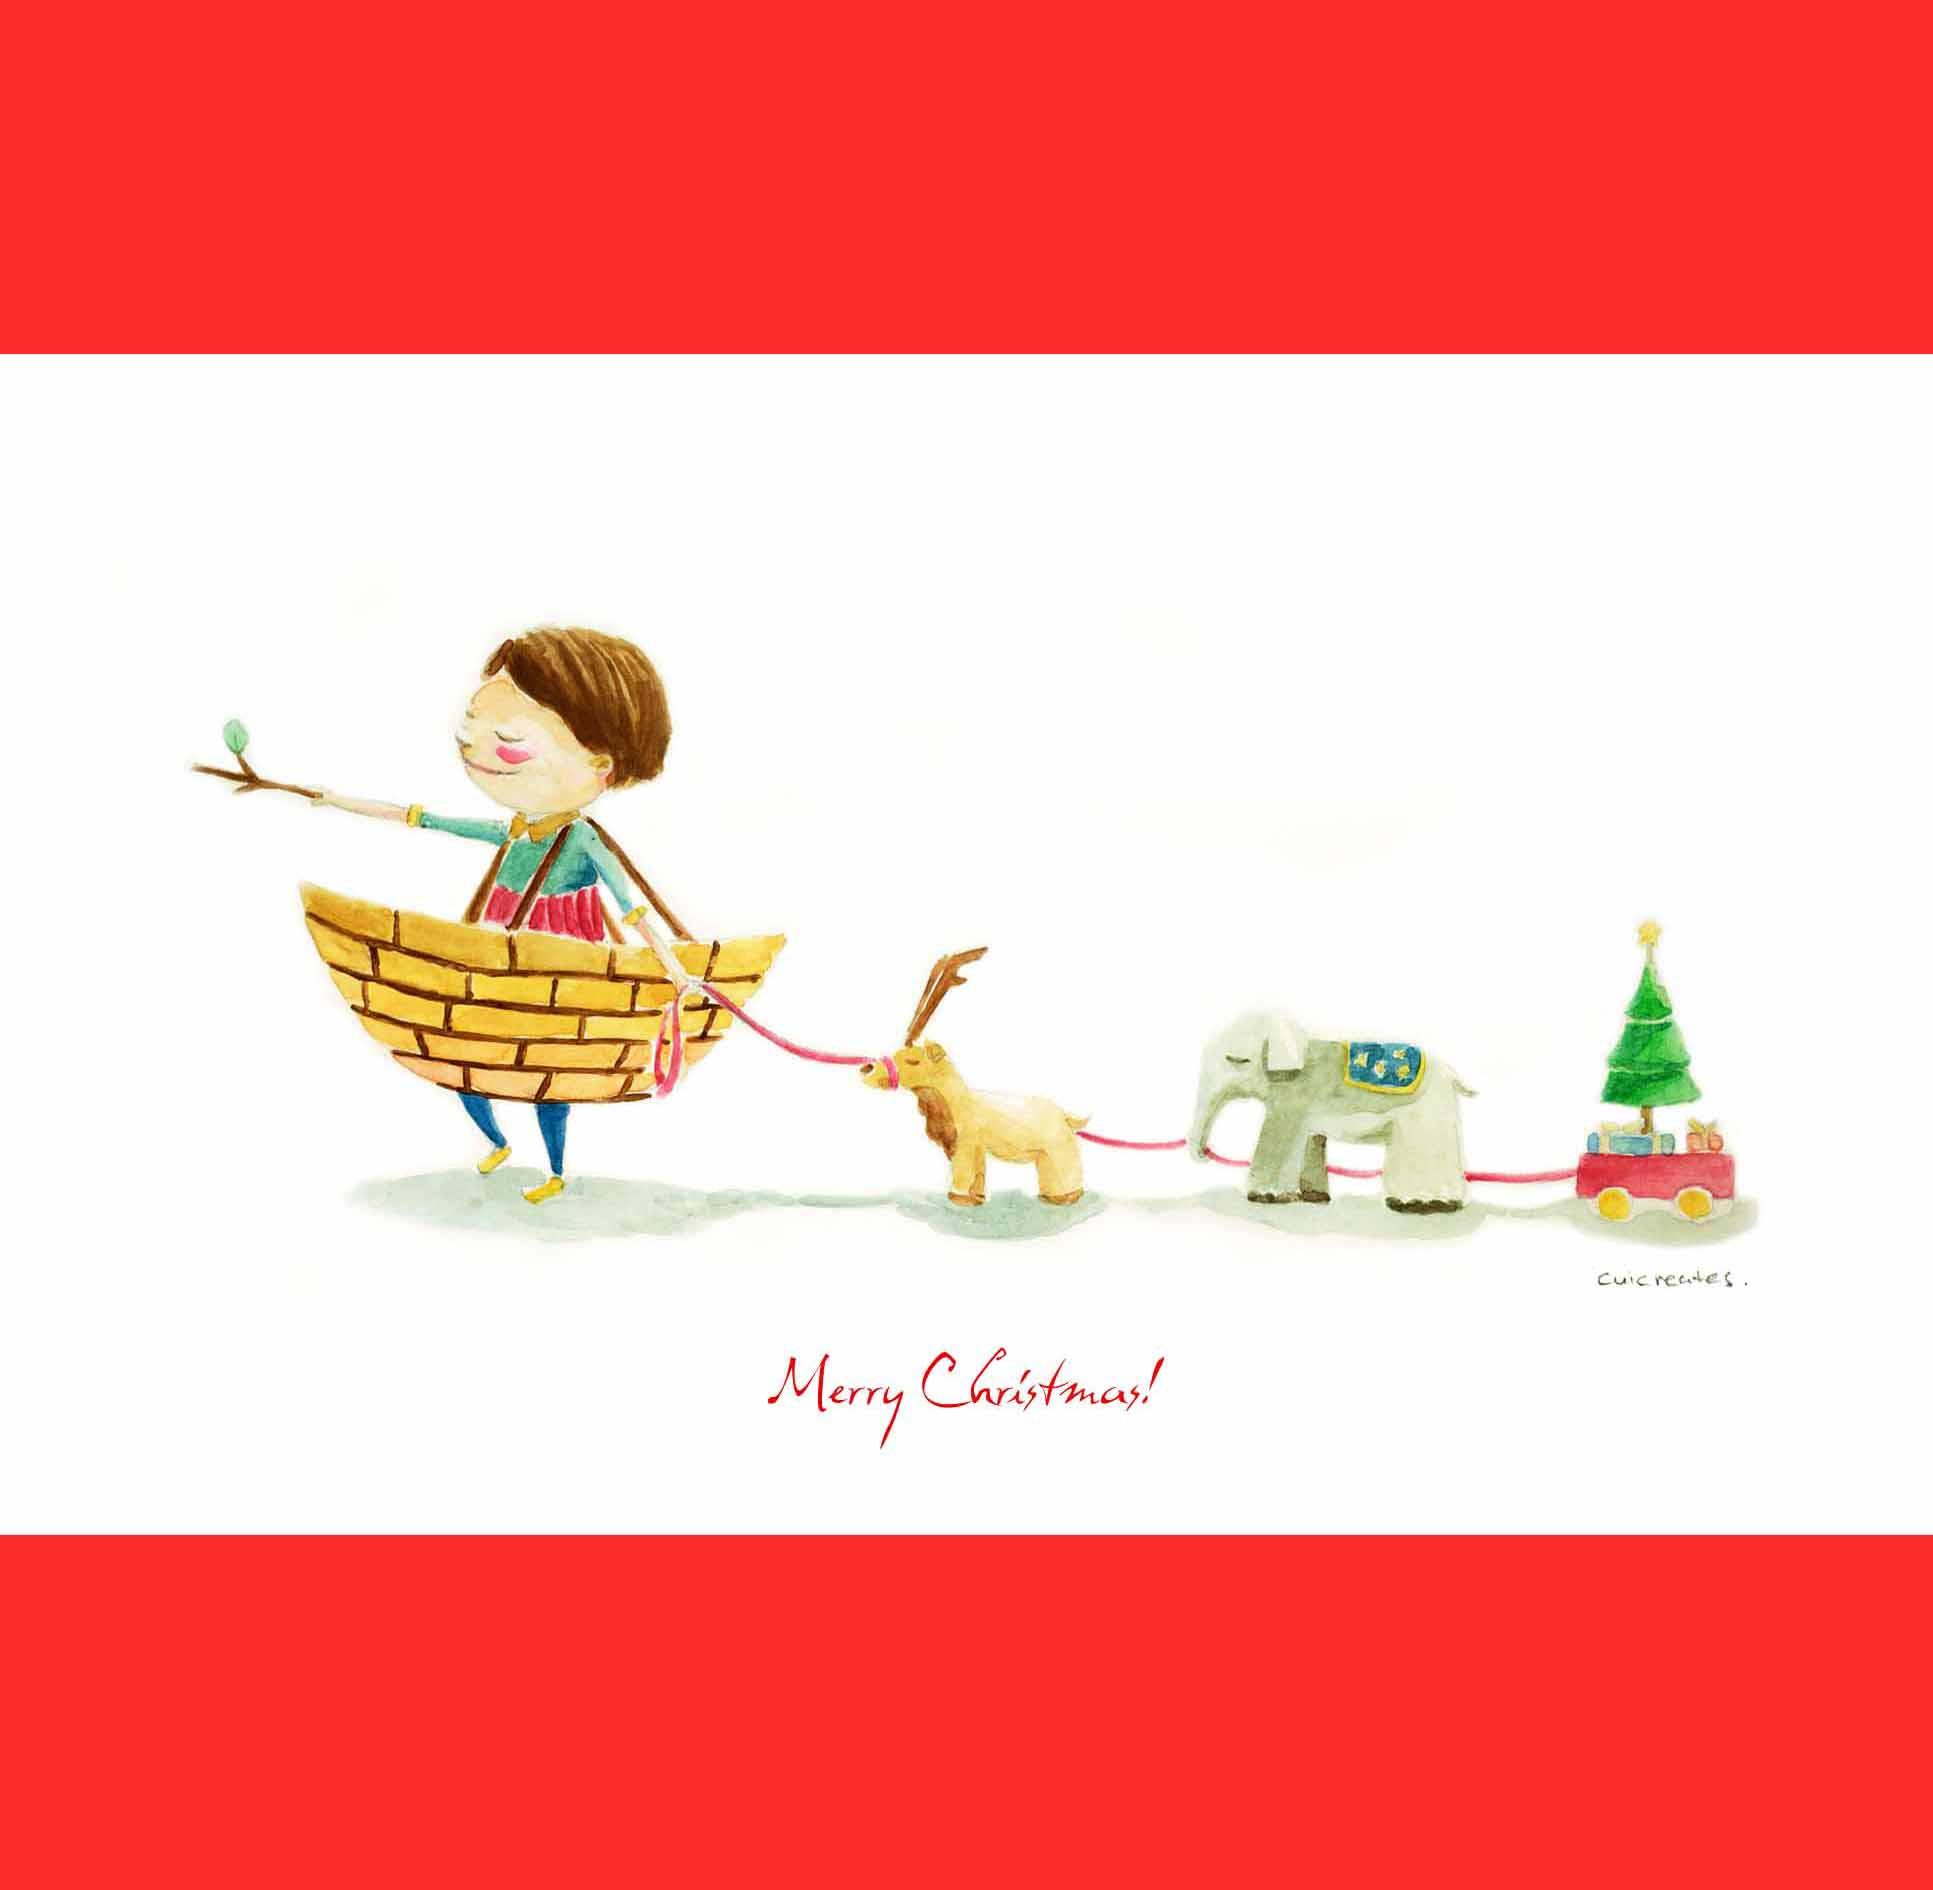 Christmas card2_LR